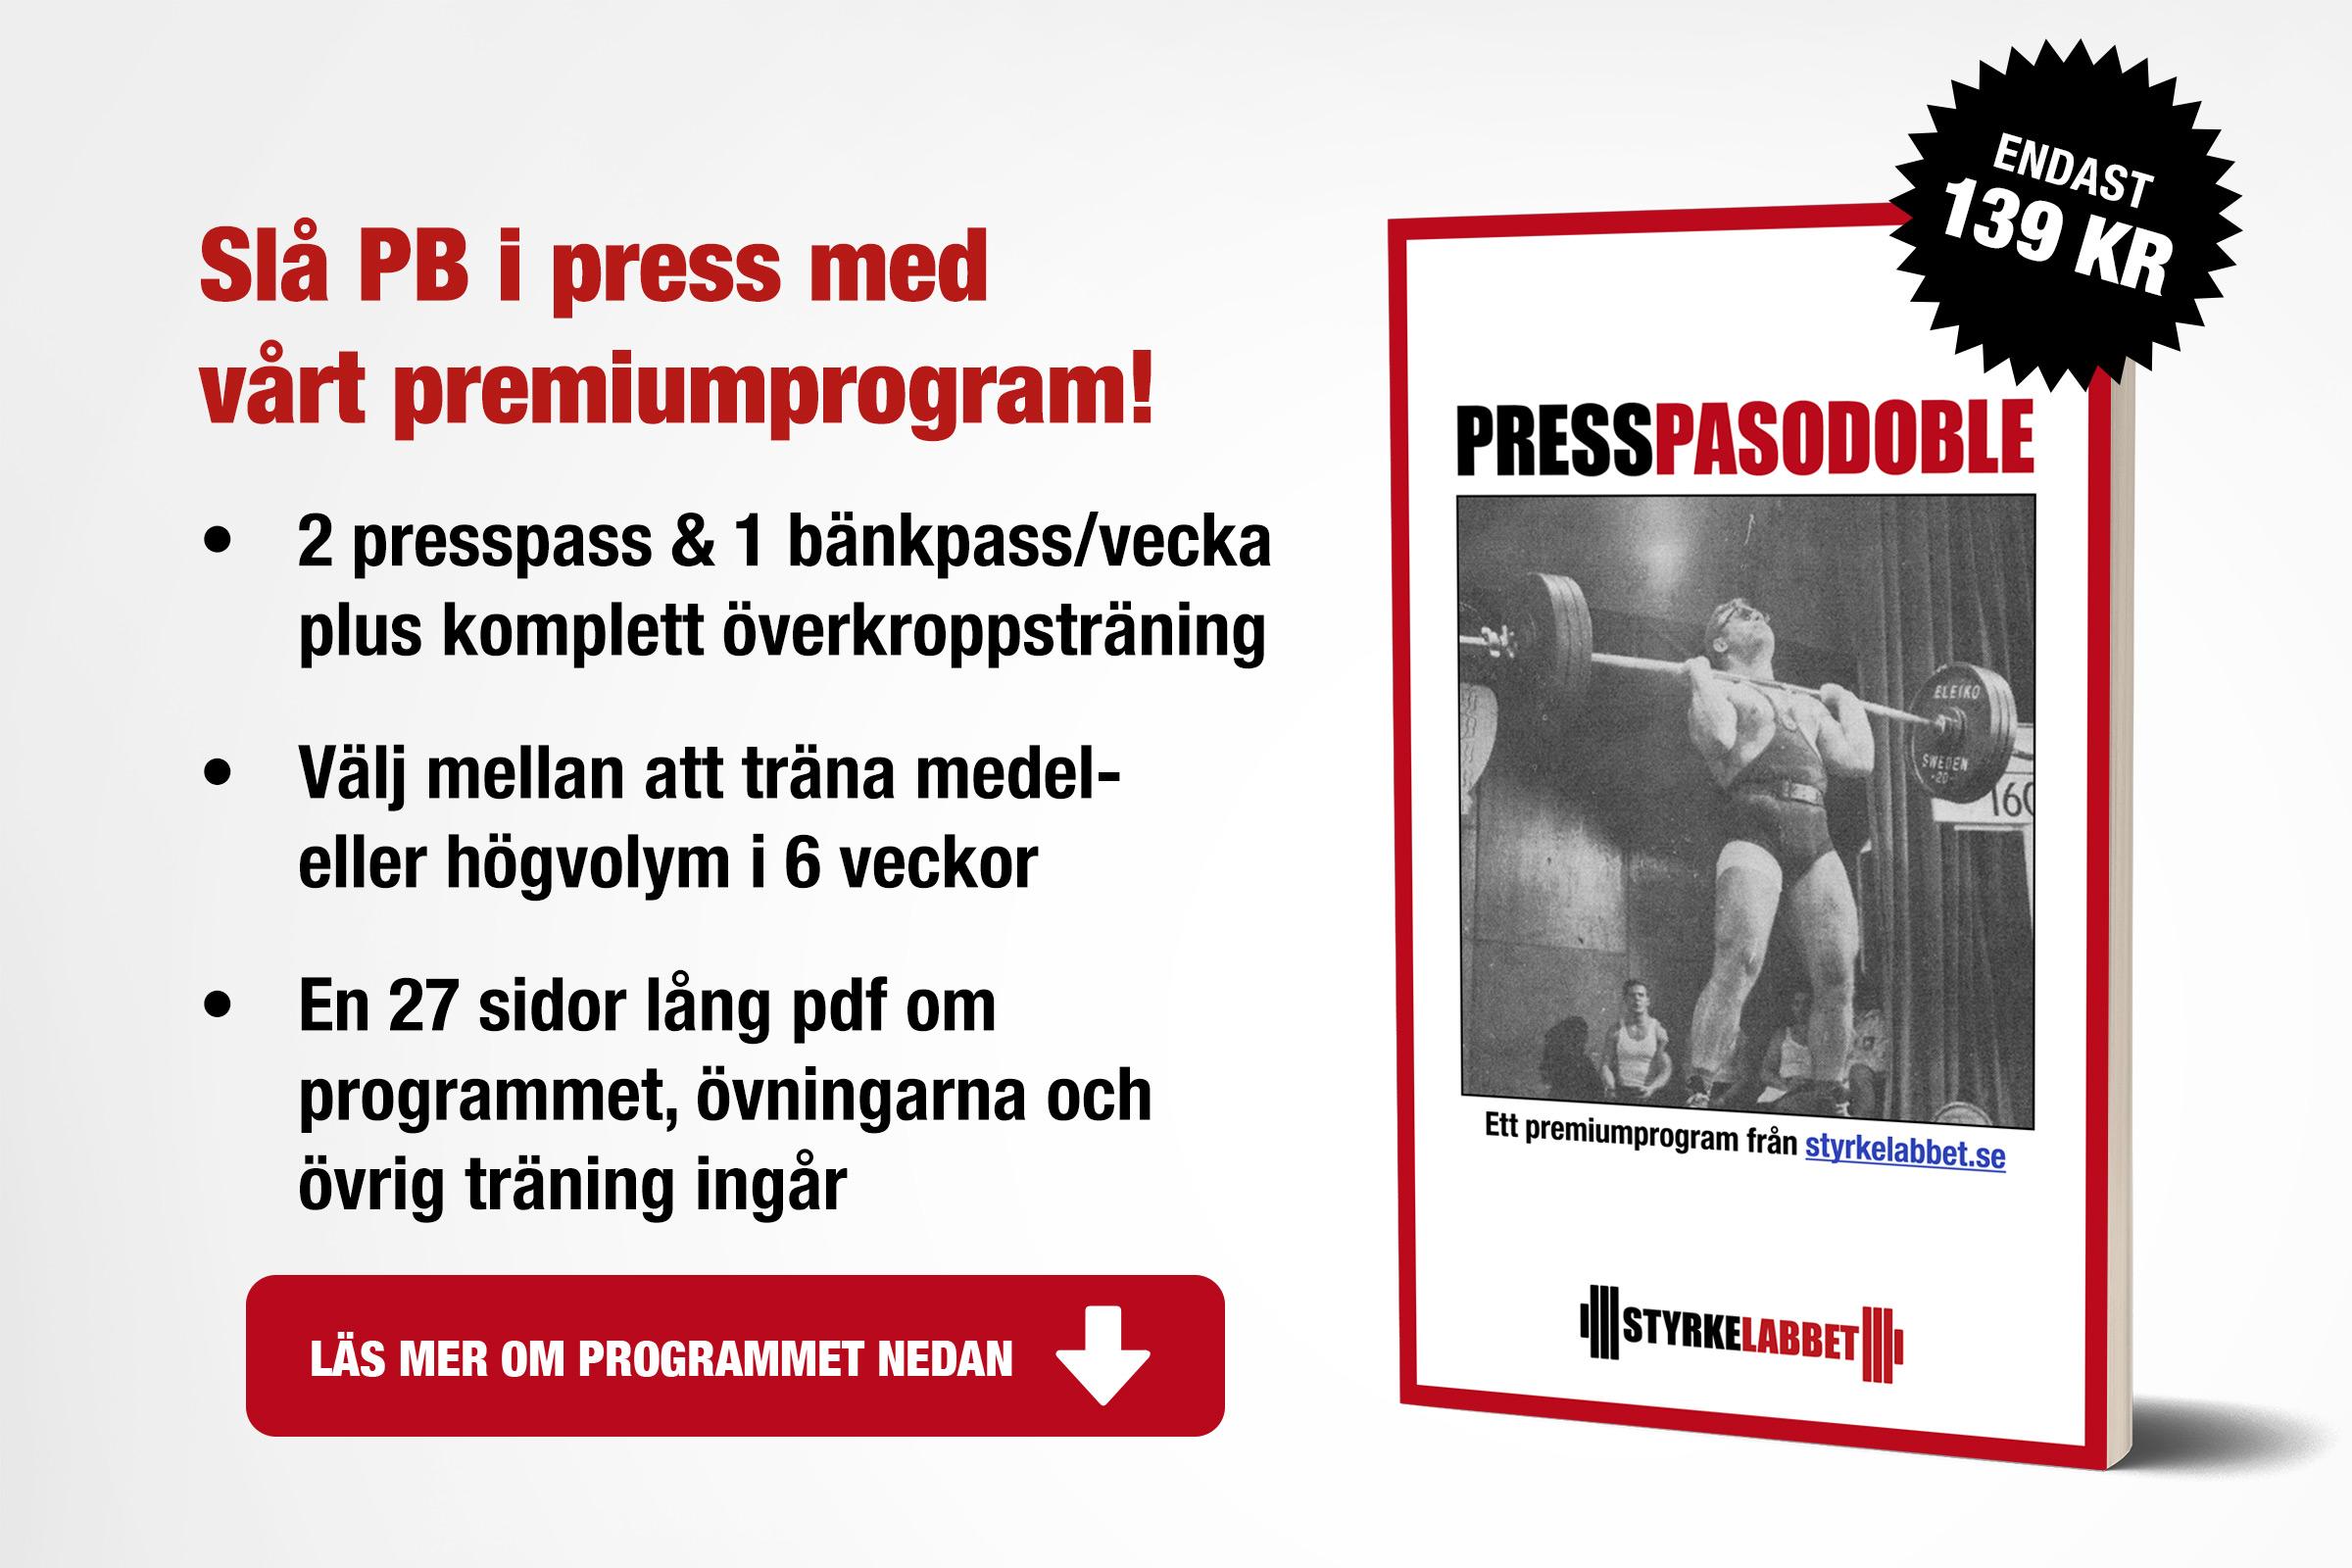 Press Pasodoble: Sex veckors träningsprogram för press och bänkpress!